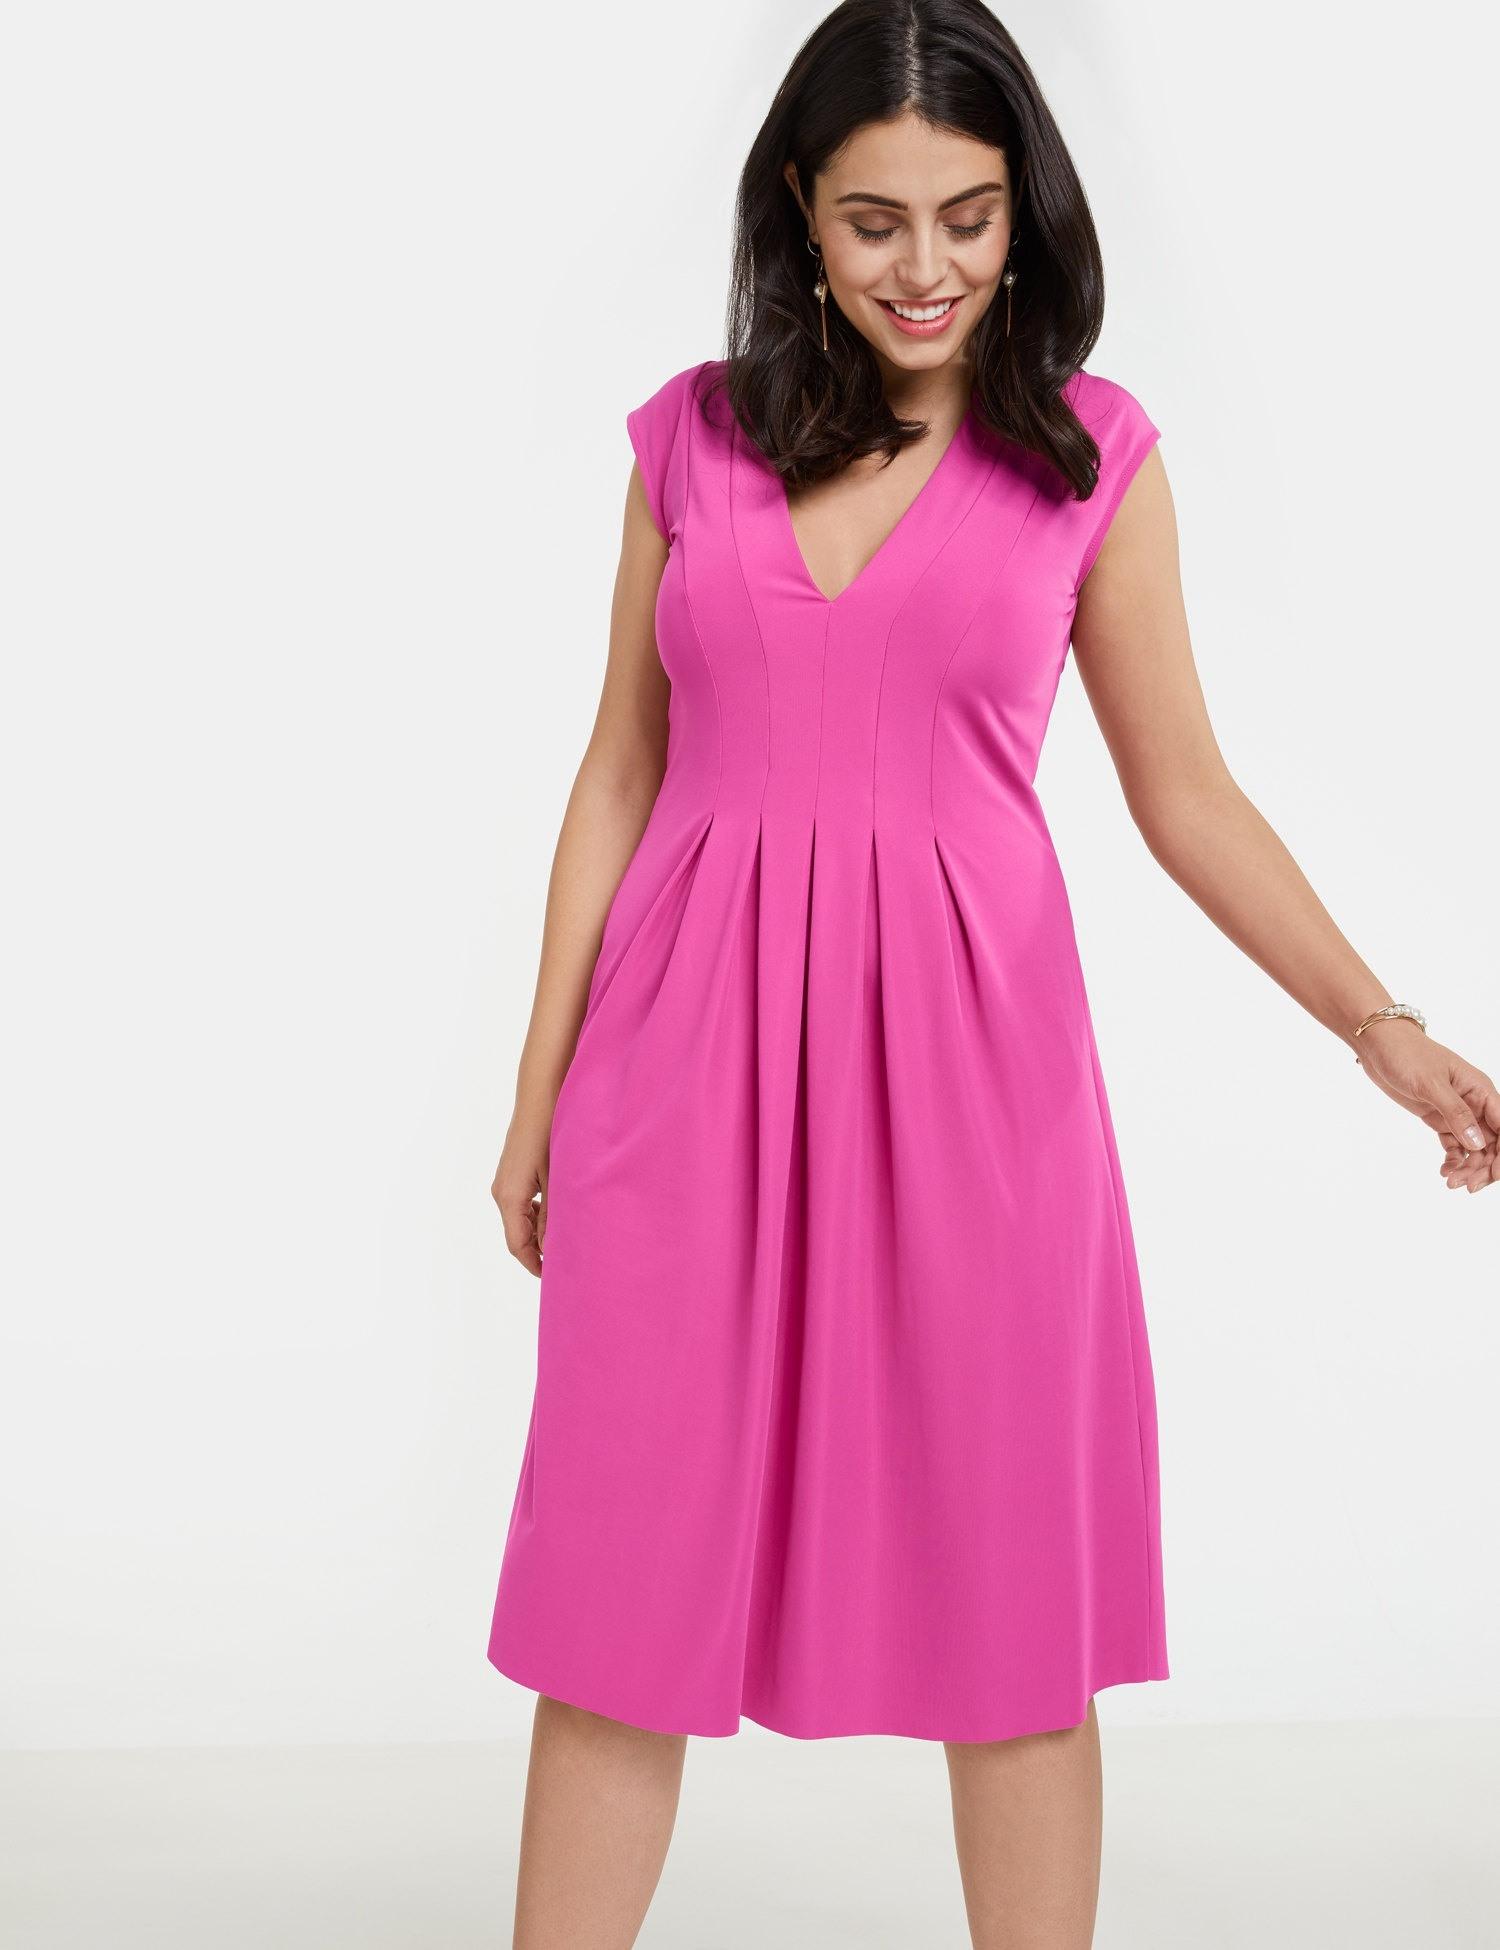 Designer Einzigartig Rotes Kleid Mit Glitzer Spezialgebiet